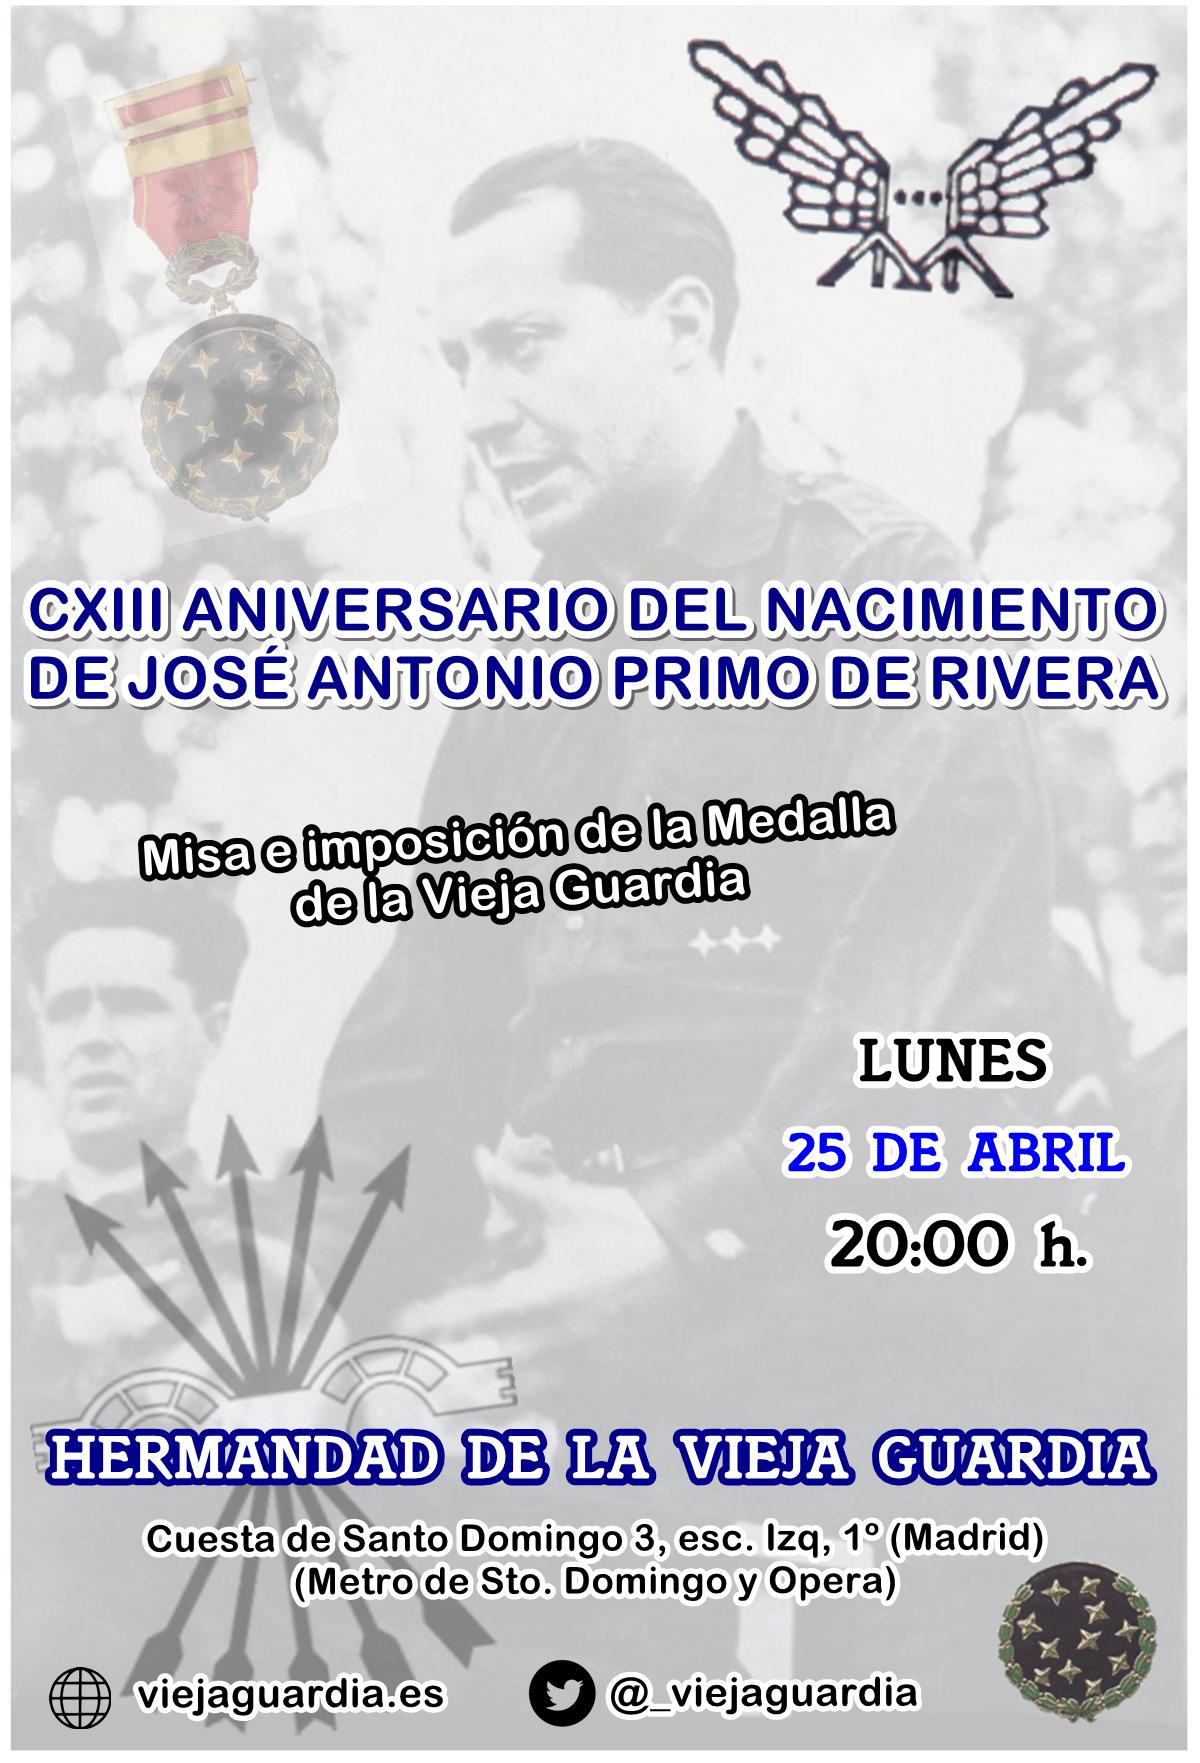 CXIII Aniversario del nacimiento de José Antonio Primo de Rivera